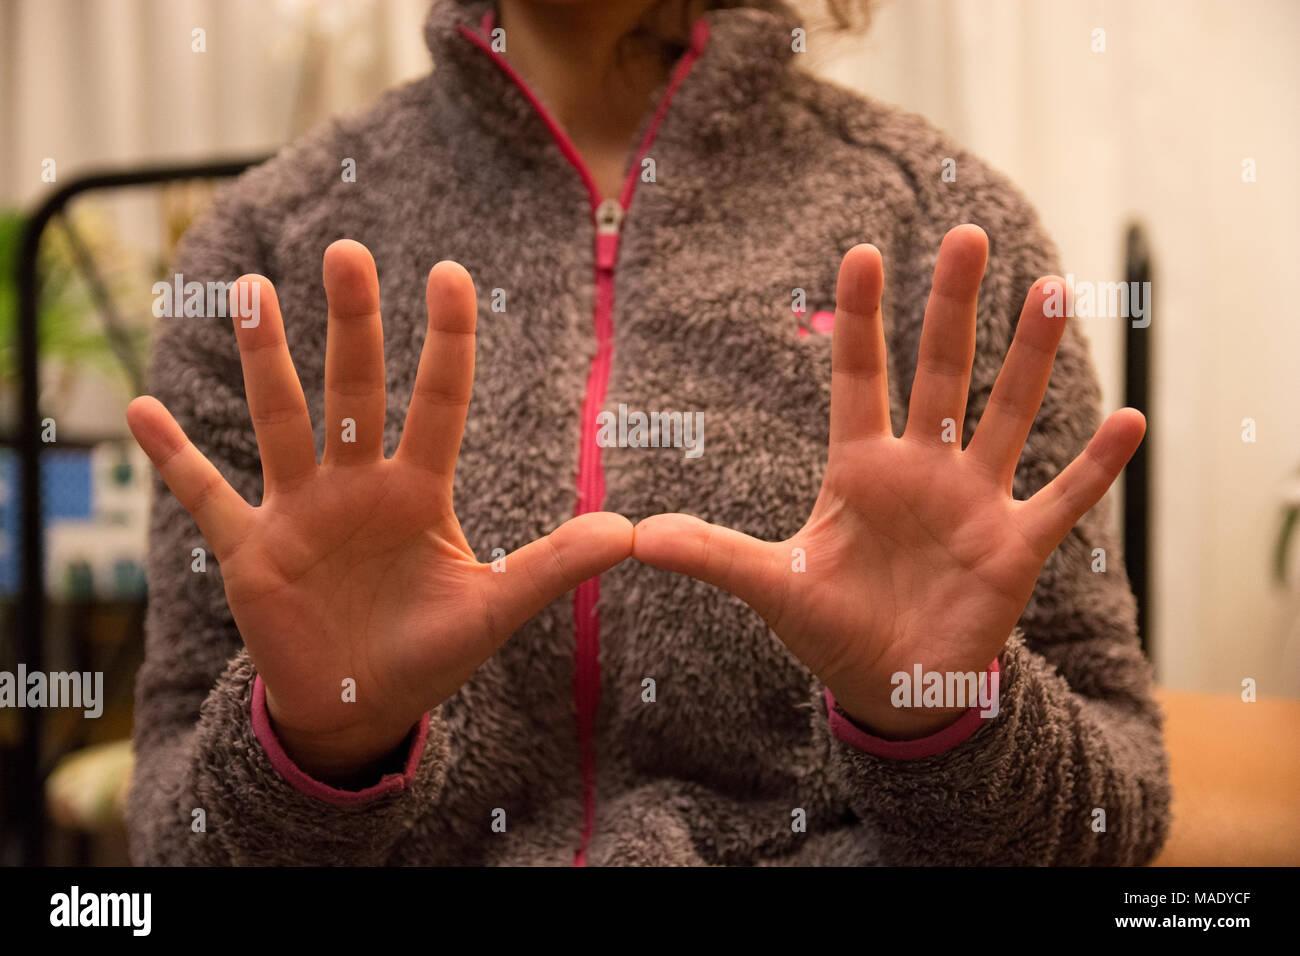 Una mujer mantenga sus manos colocadas simétricamente en la parte frontal de la cámara. Imagen De Stock